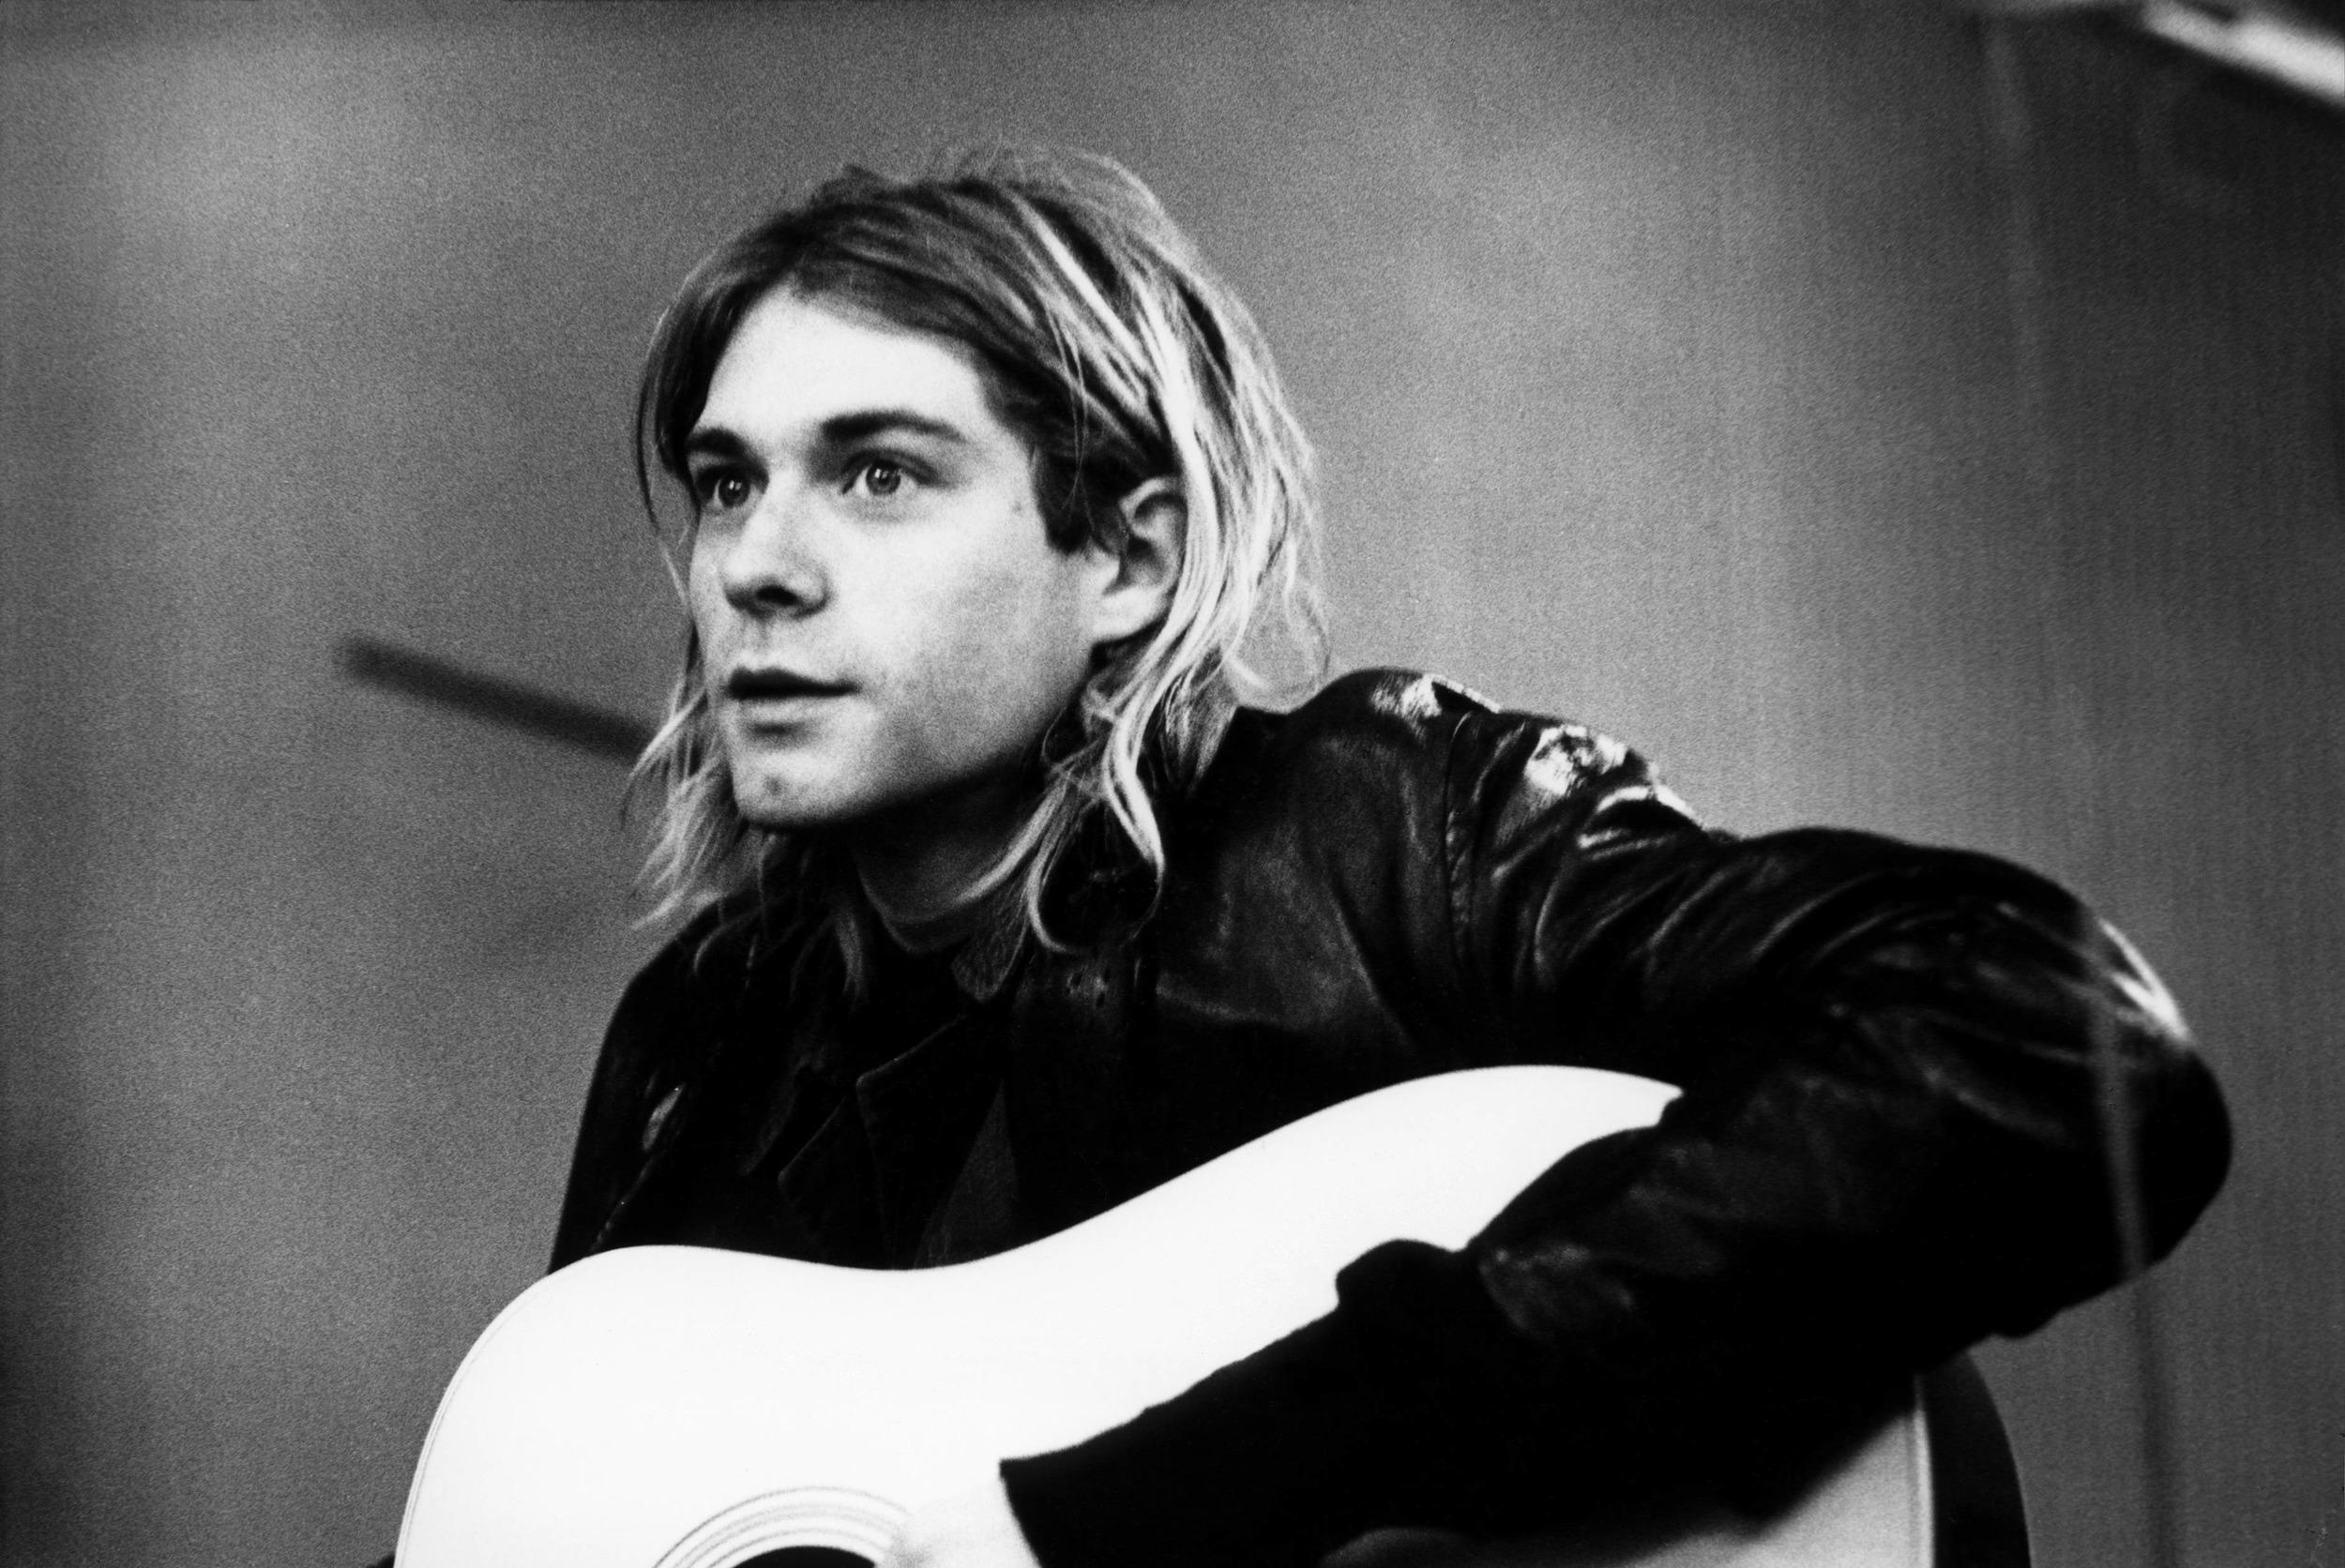 کرت کوبین در حال نواختن گیتار آکوستیک